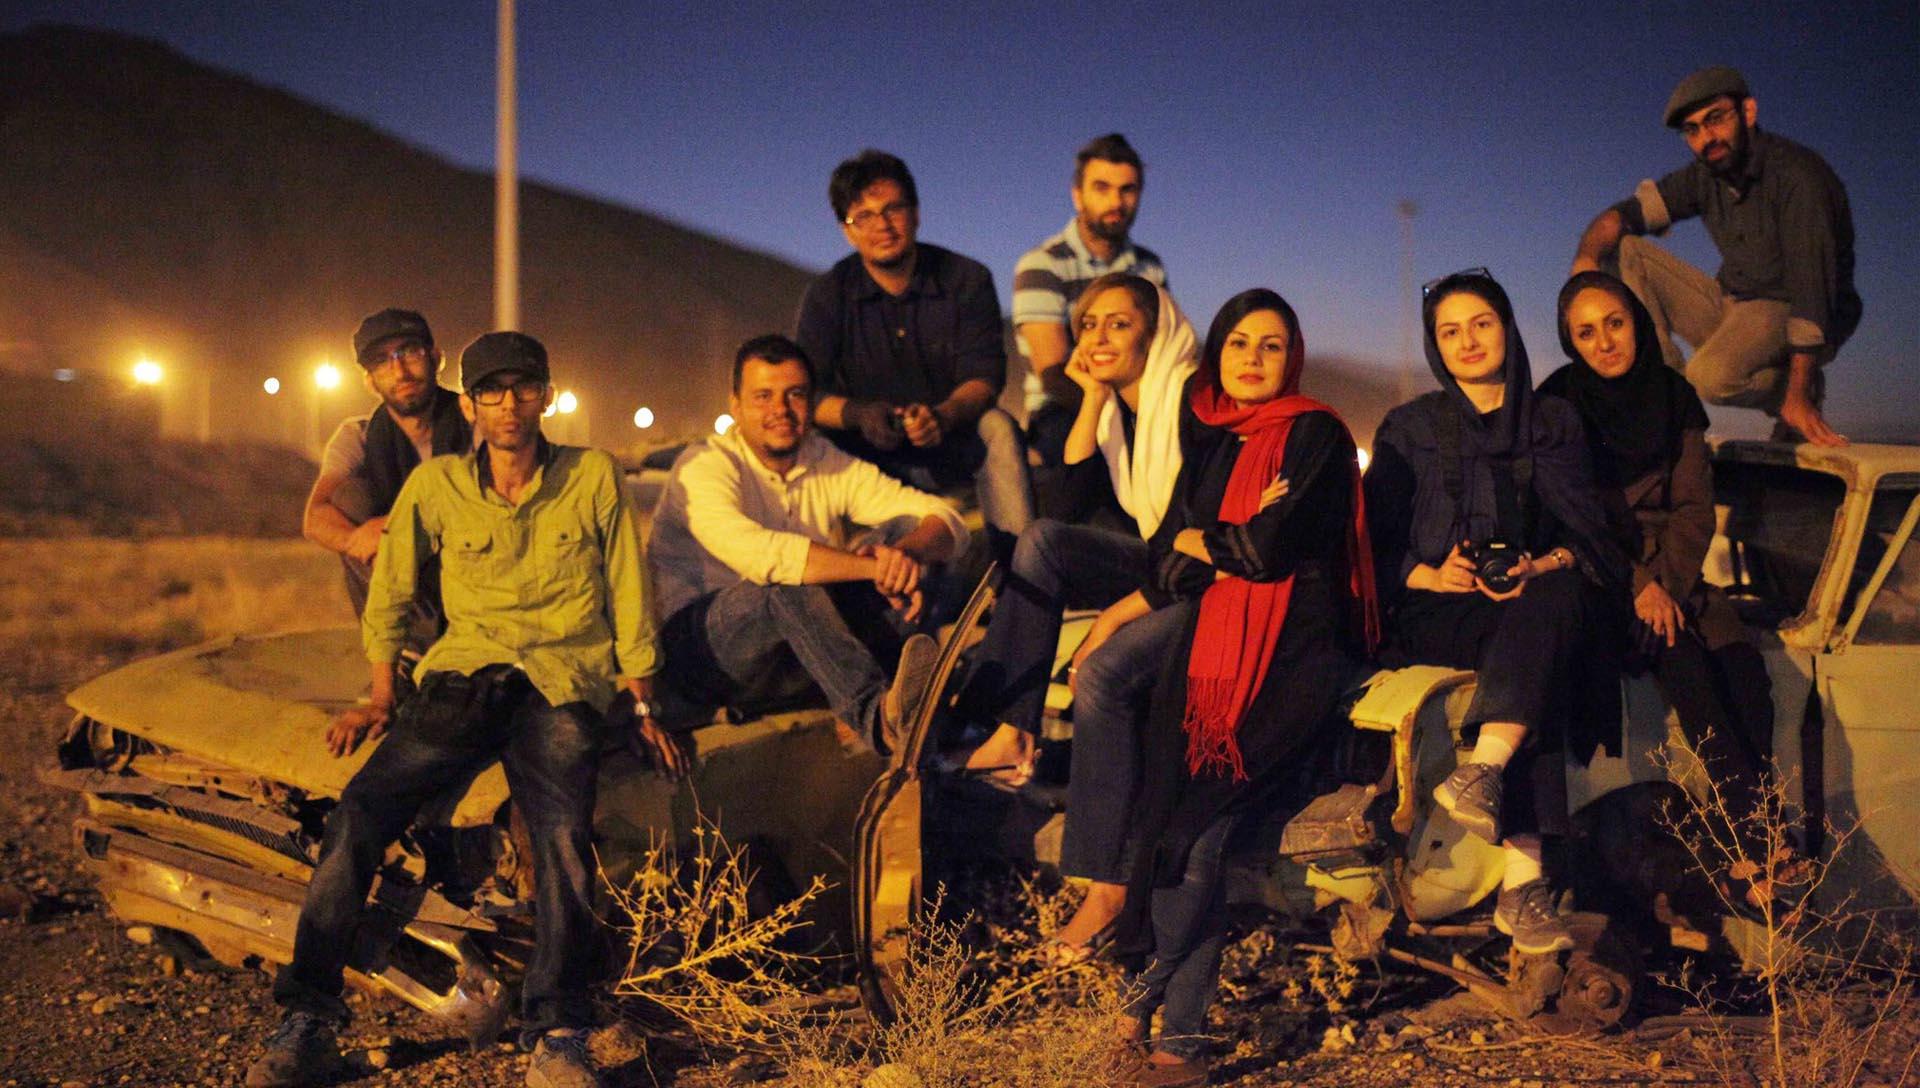 آ...در سرزمین بایر 003 - شرکت فیلم سازی زوم شیراز برادران شریفی